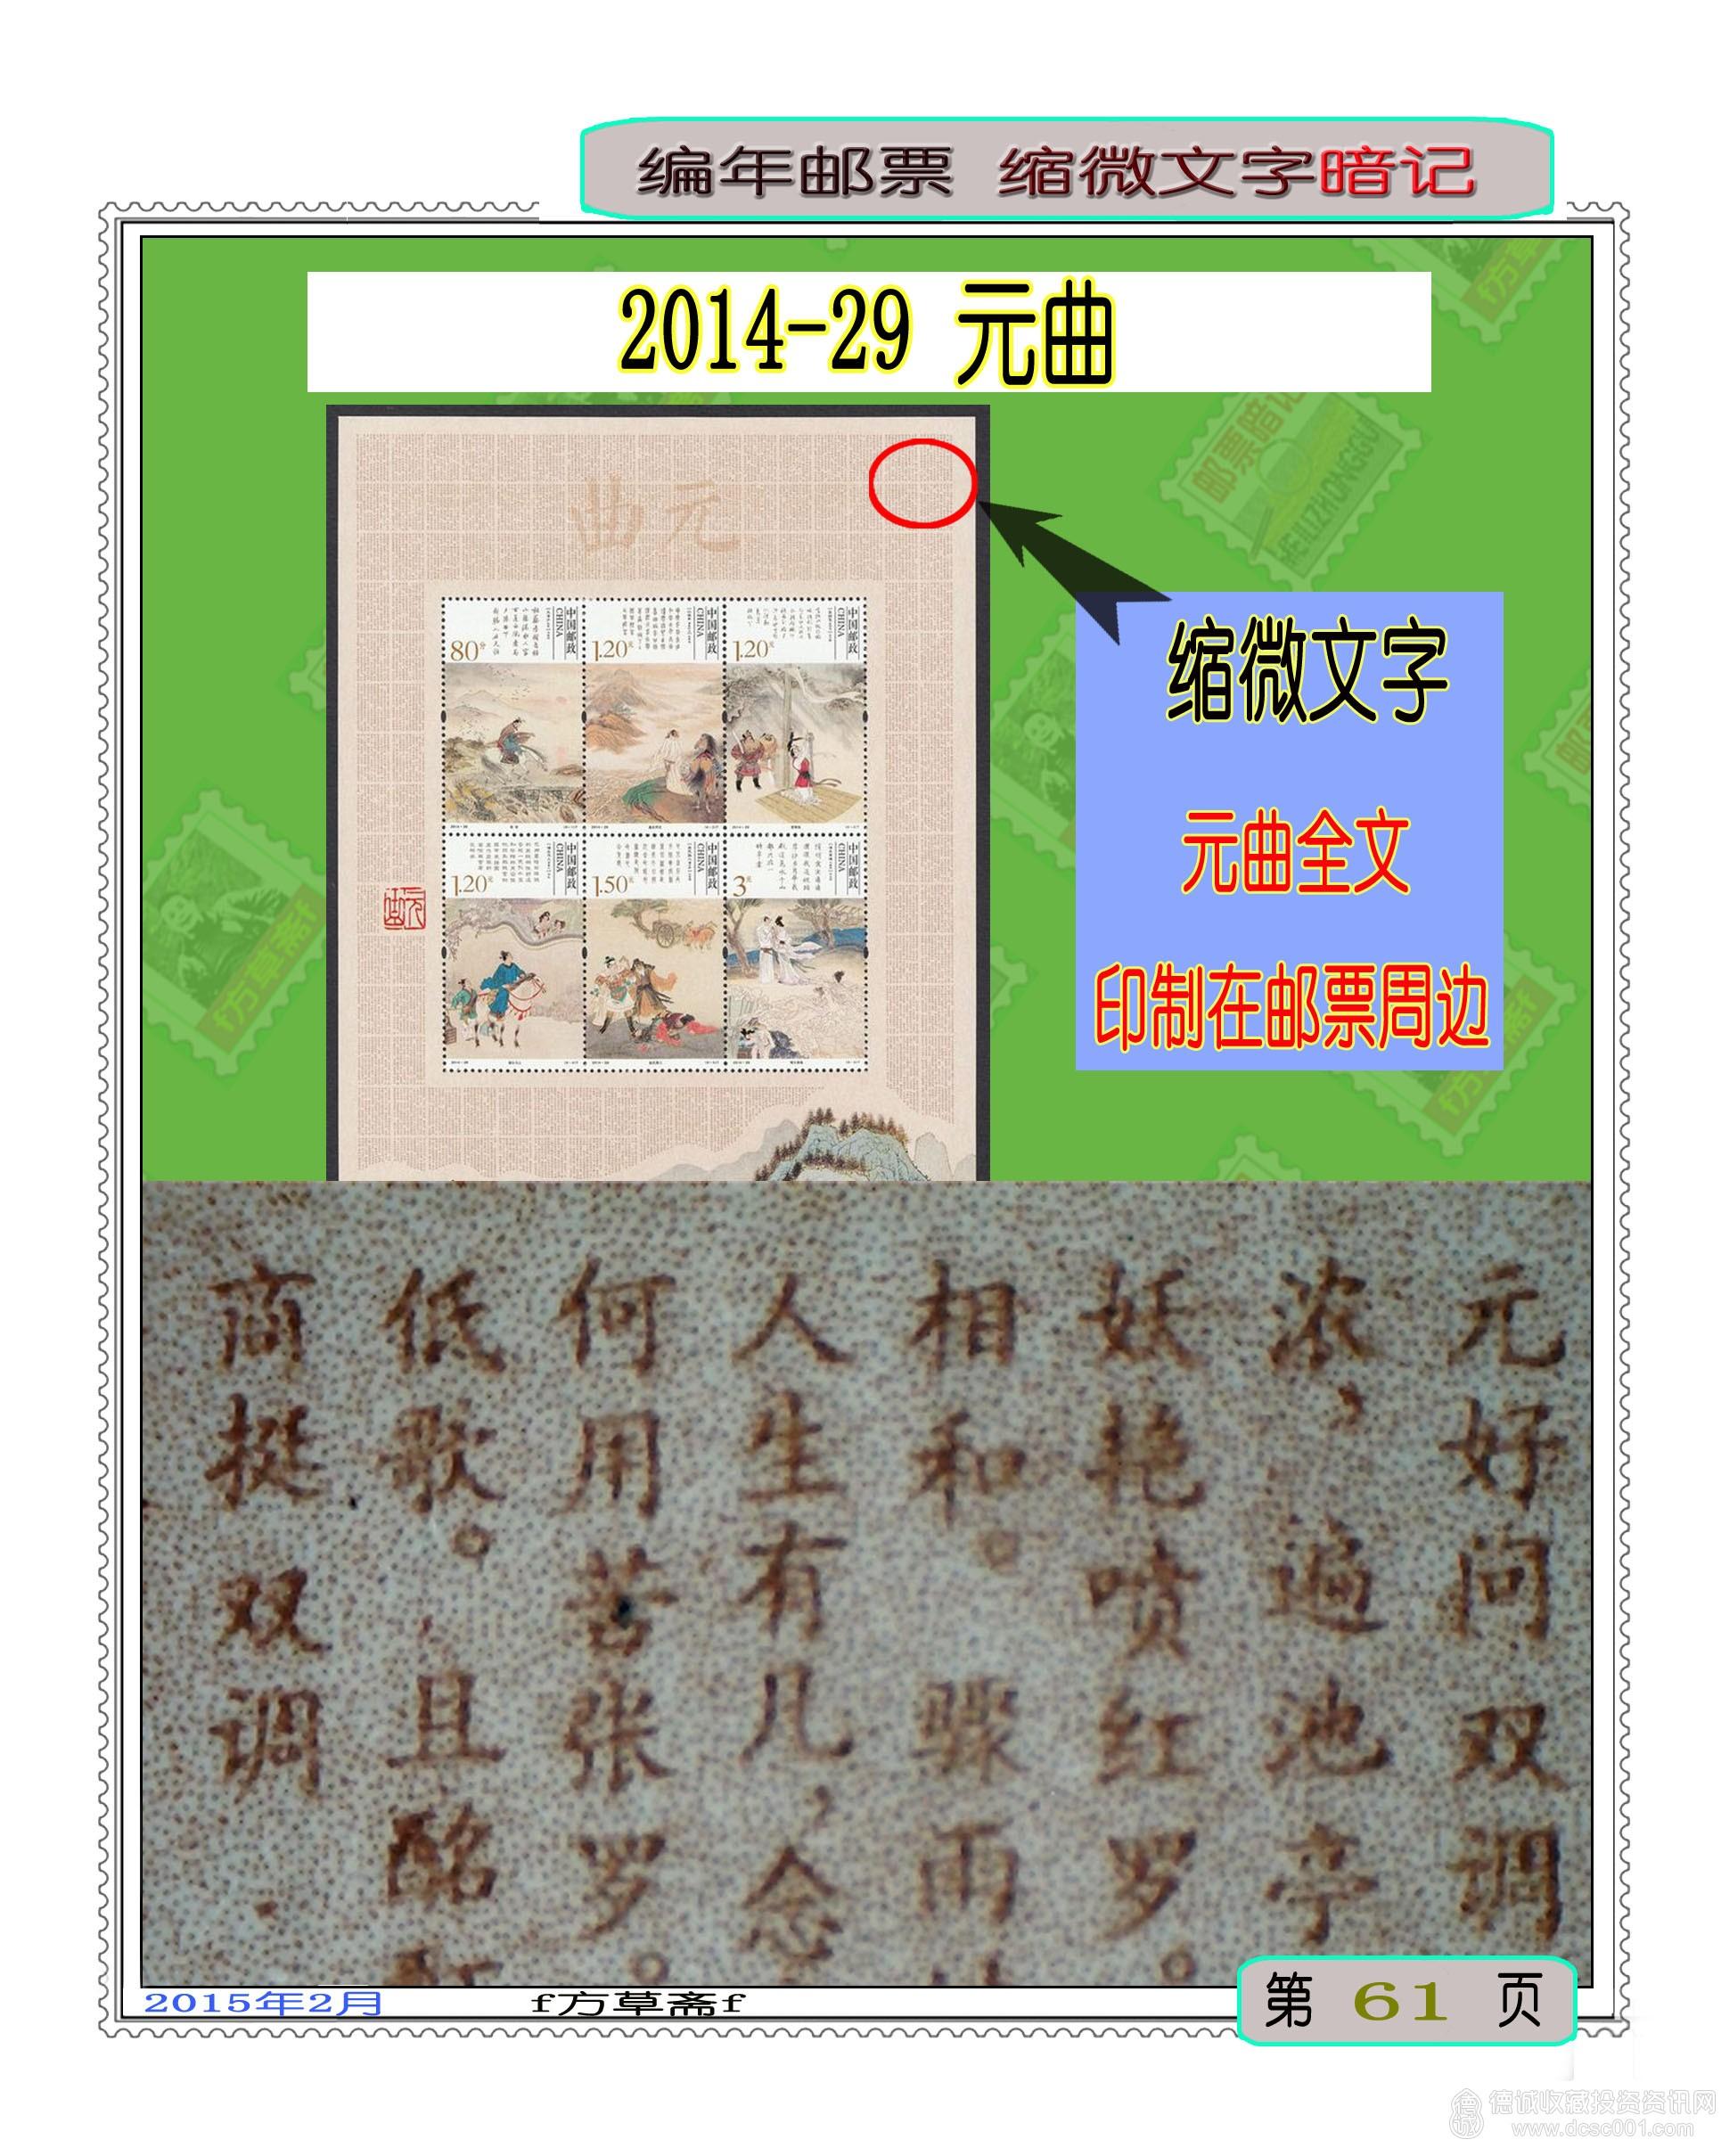 2014-29 元曲.jpg